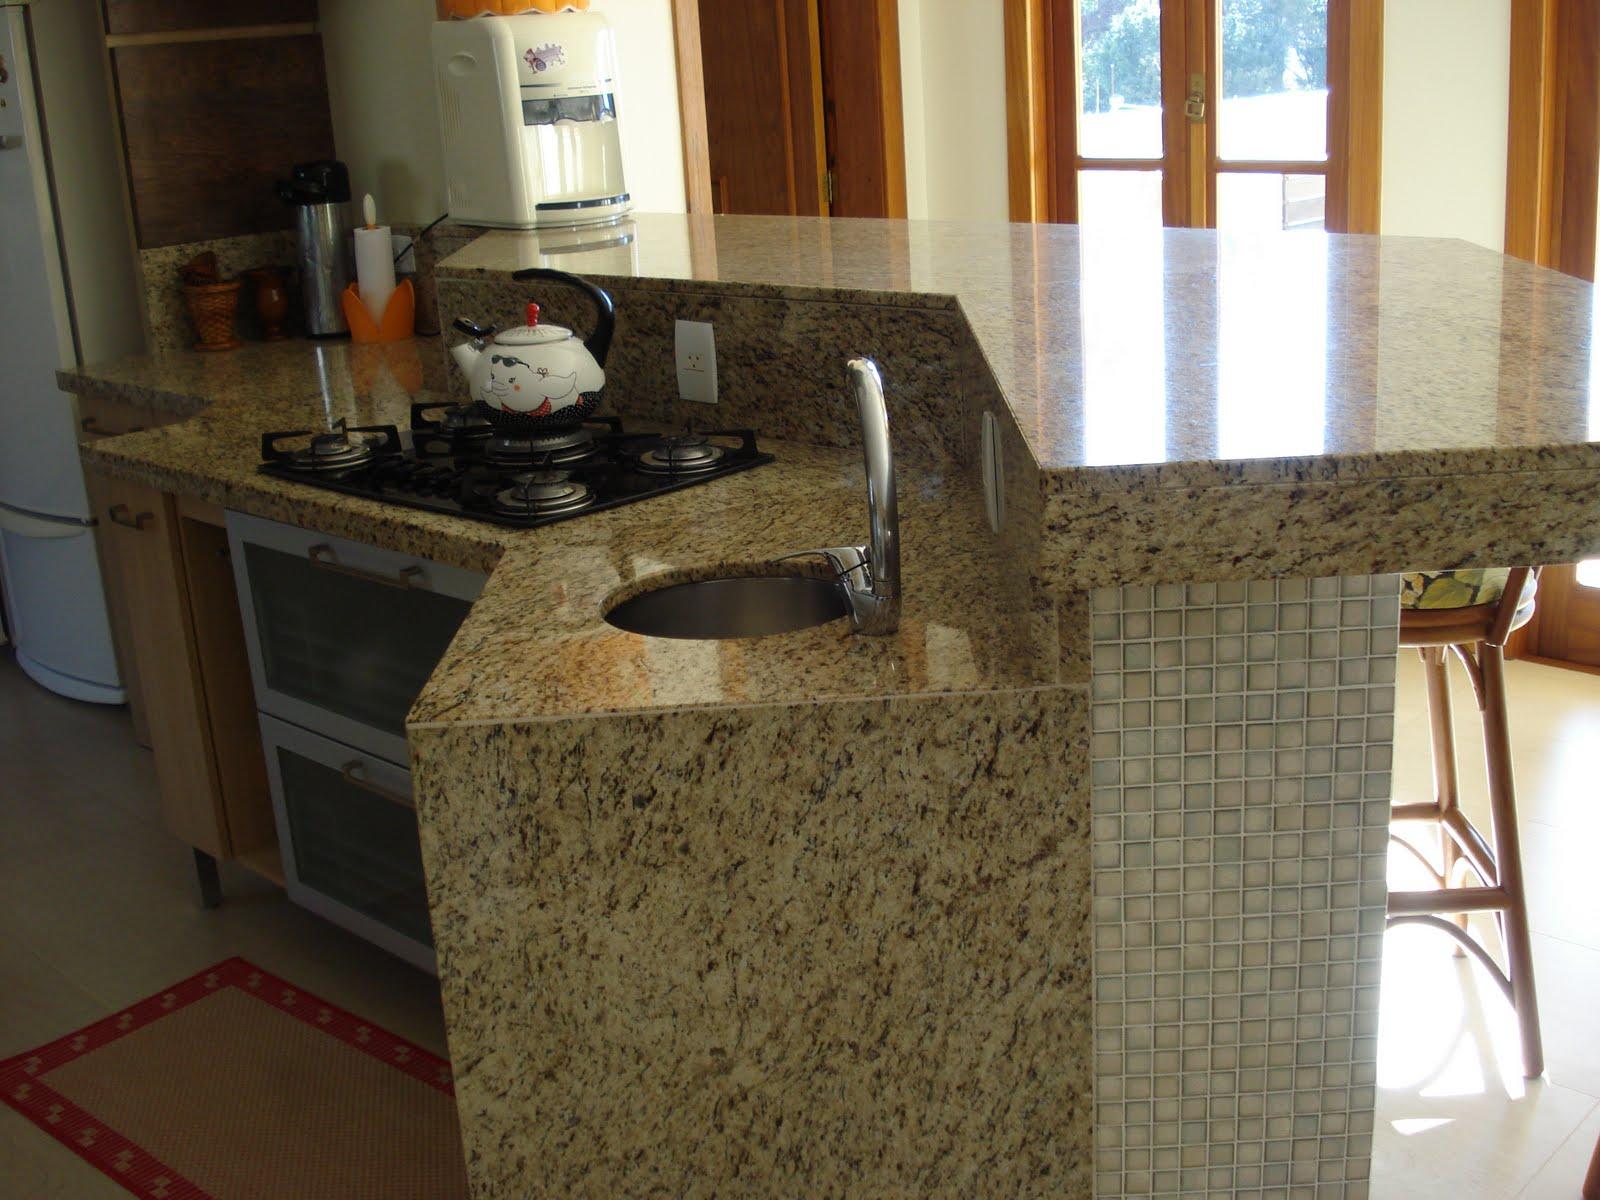 Tampos de Cozinha em Granito Amarelo Ornamental Marmoraria MPK #9B6C30 1600x1200 Banheiro Com Granito Ornamental